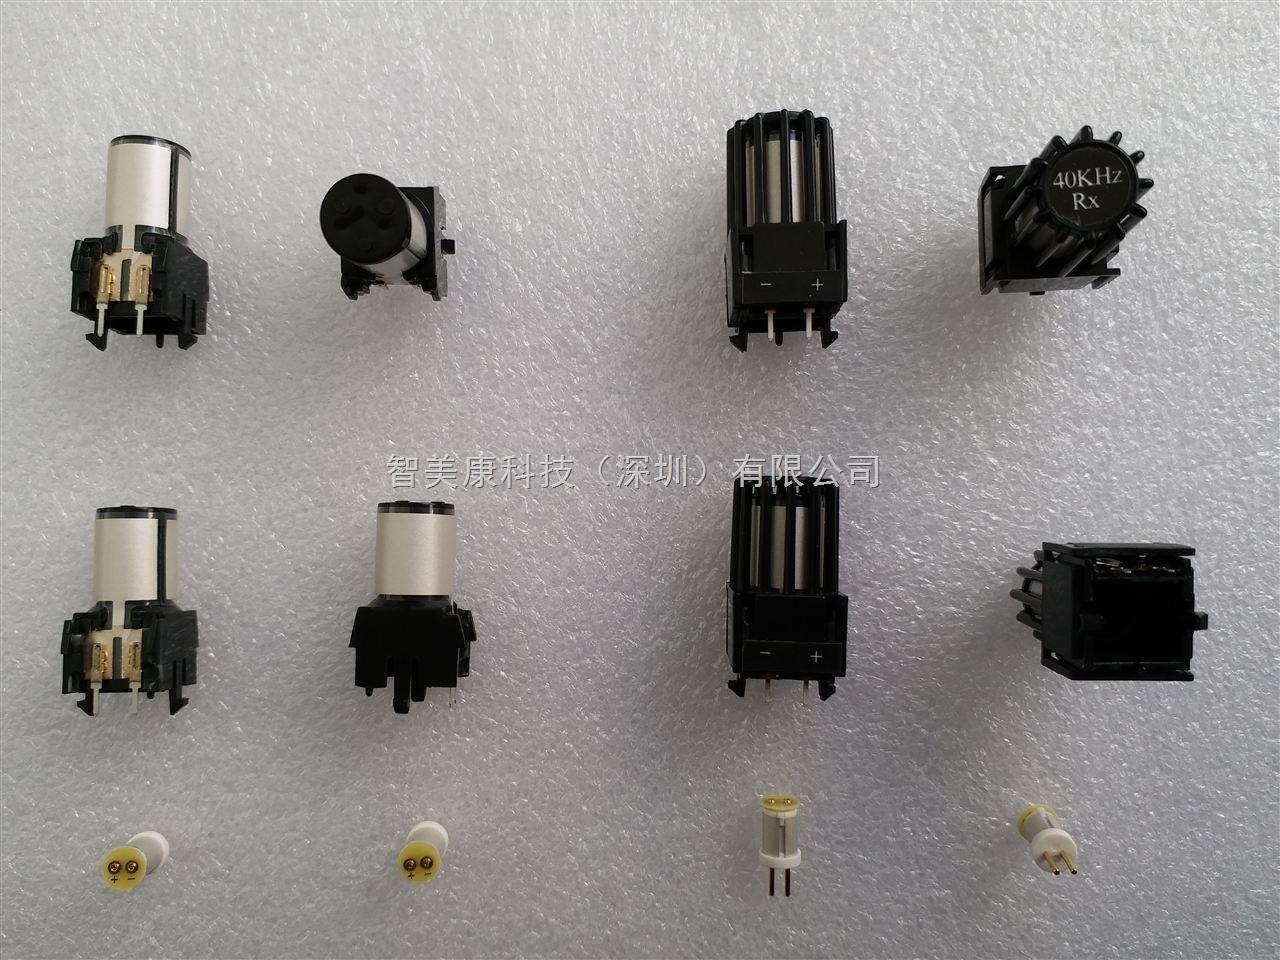 美国MEAS原装40KHZ全向超声波发射传感器接收传感器PVDF压电薄膜传感器